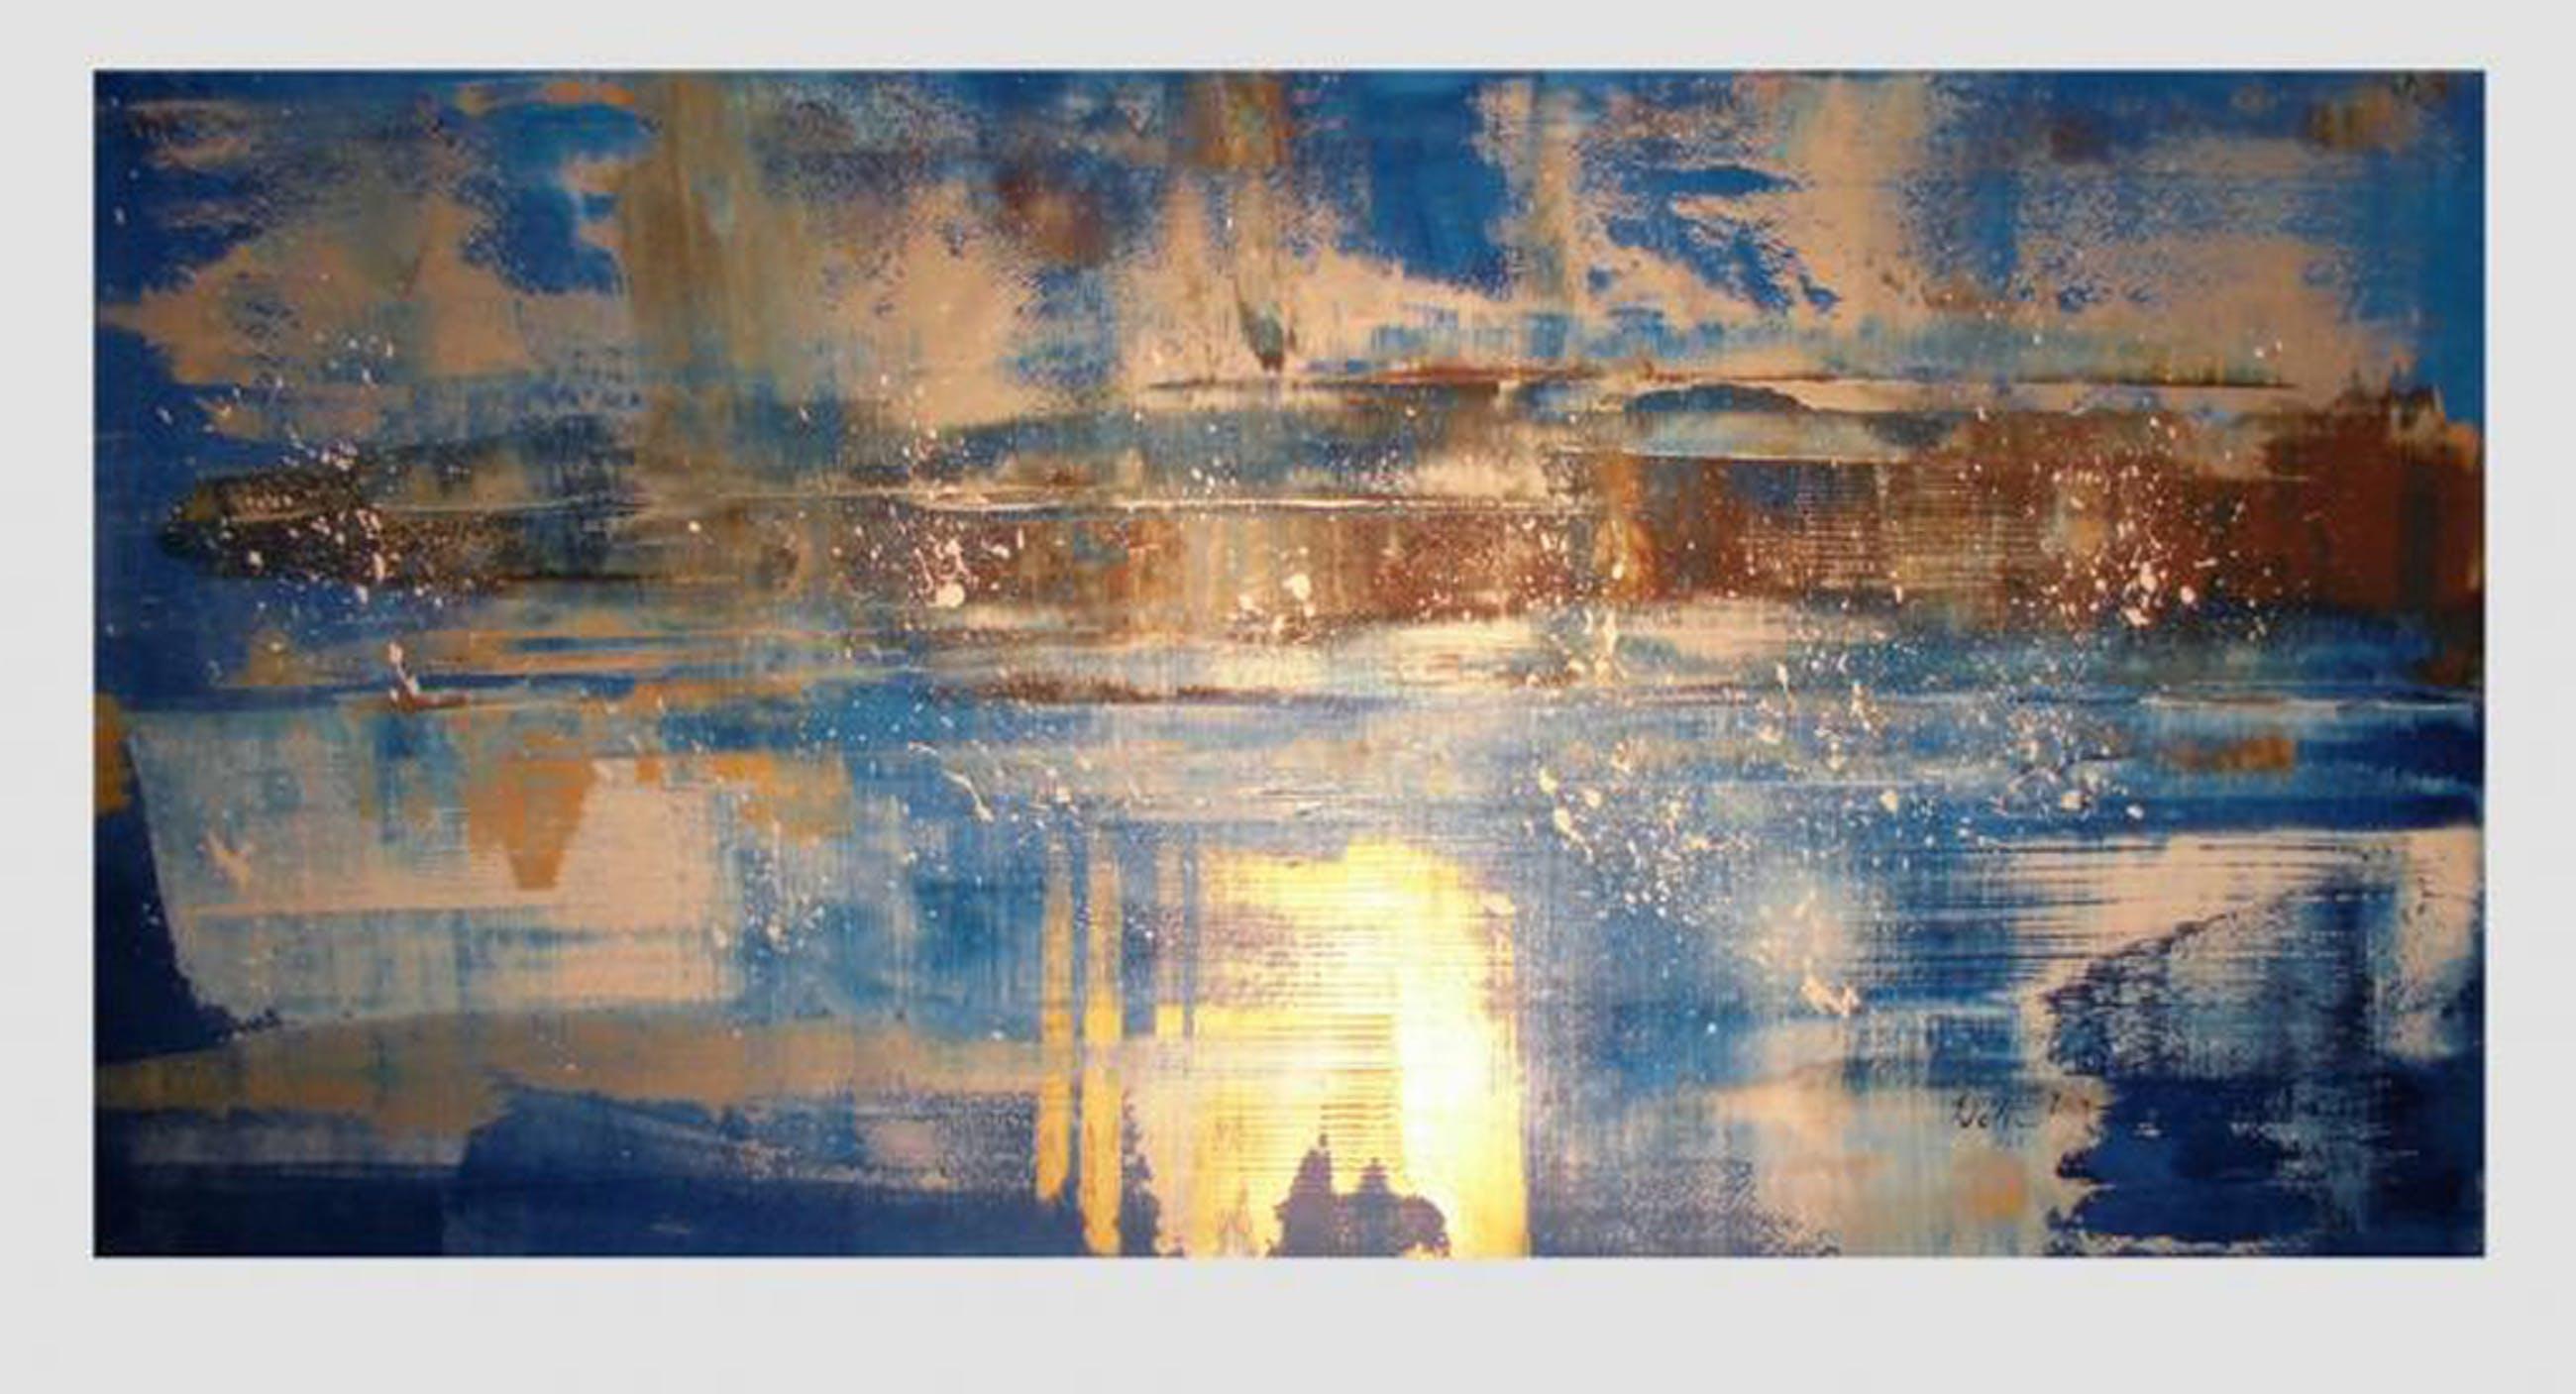 Super Orgineel abstract schilderij (XXL!) Acryl op doek verkocht! Bekijk MC-99